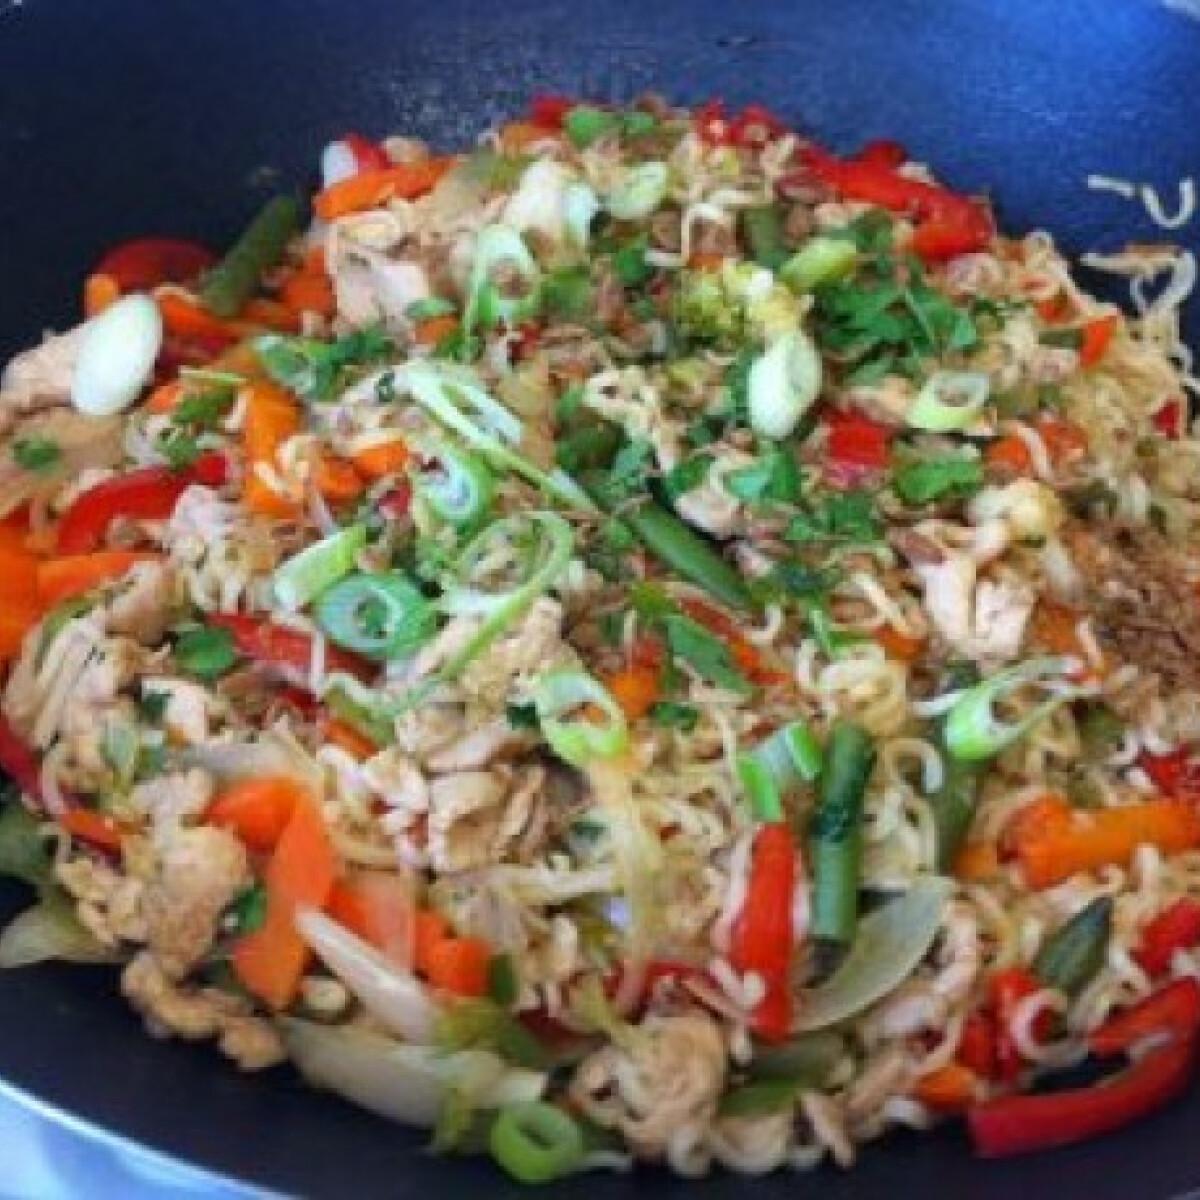 Zöldséges csirke stir-fry wokban